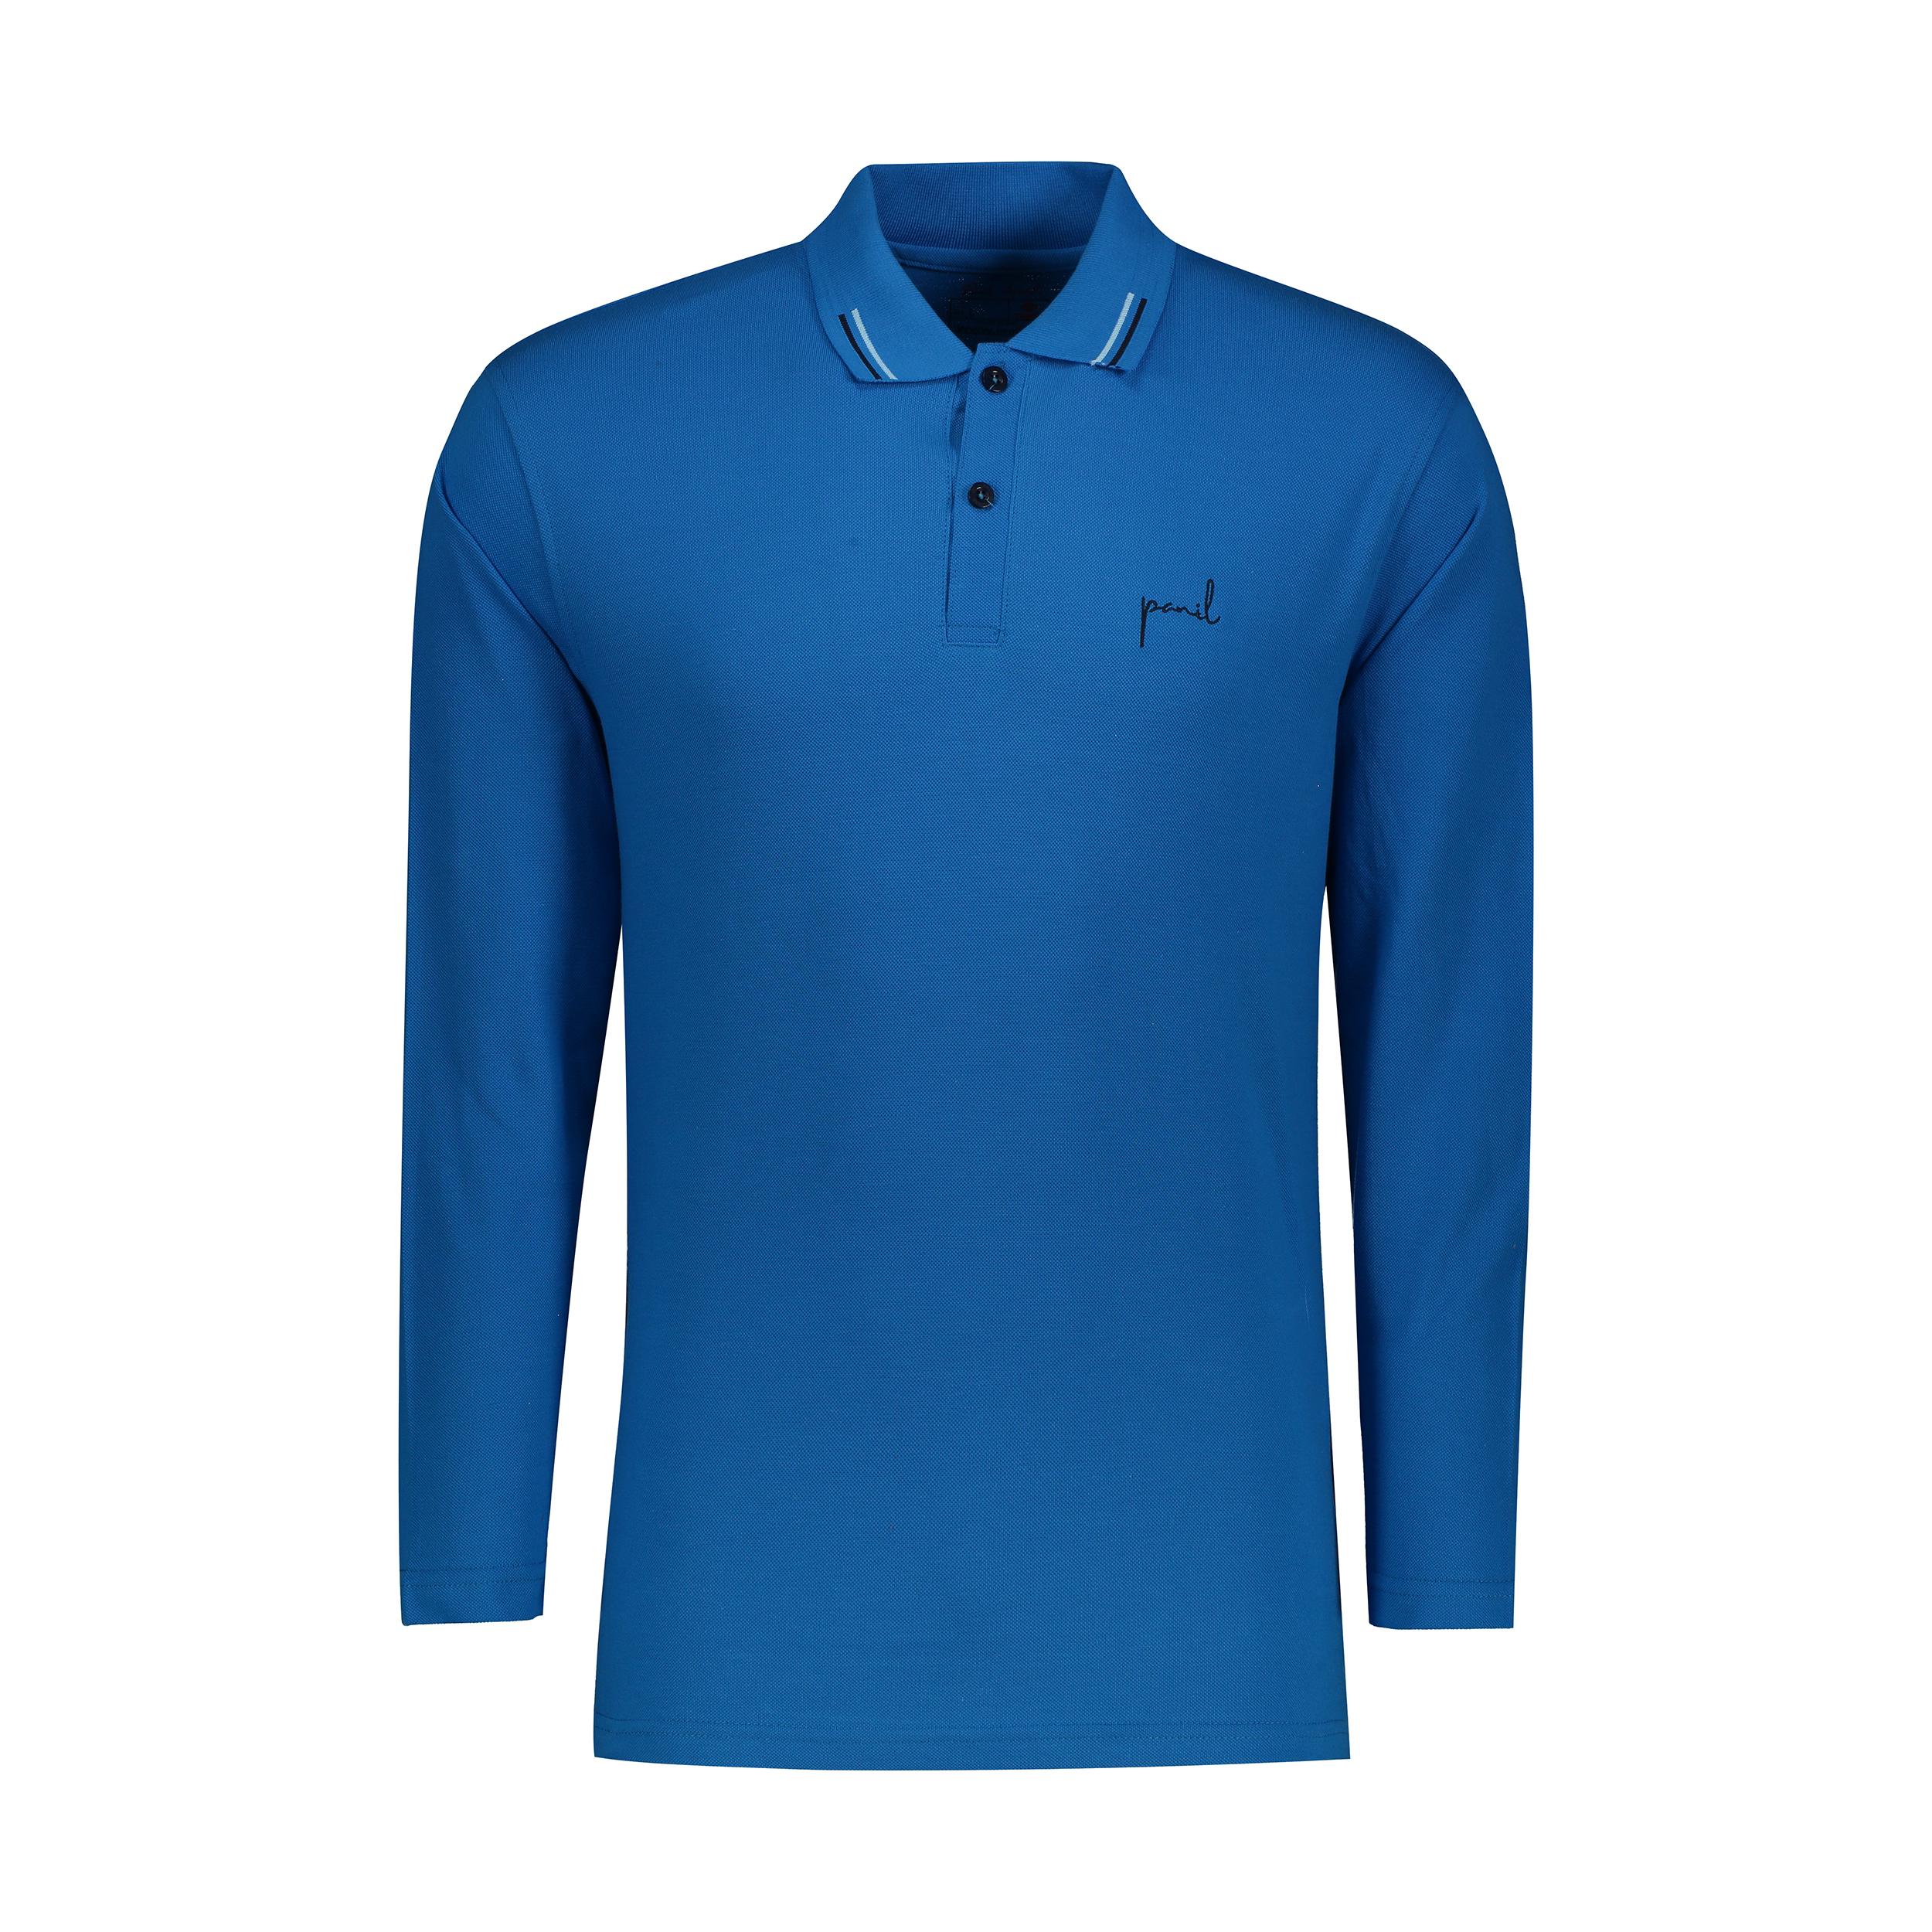 پولو شرت ورزشی مردانه پانیل مدل 119B